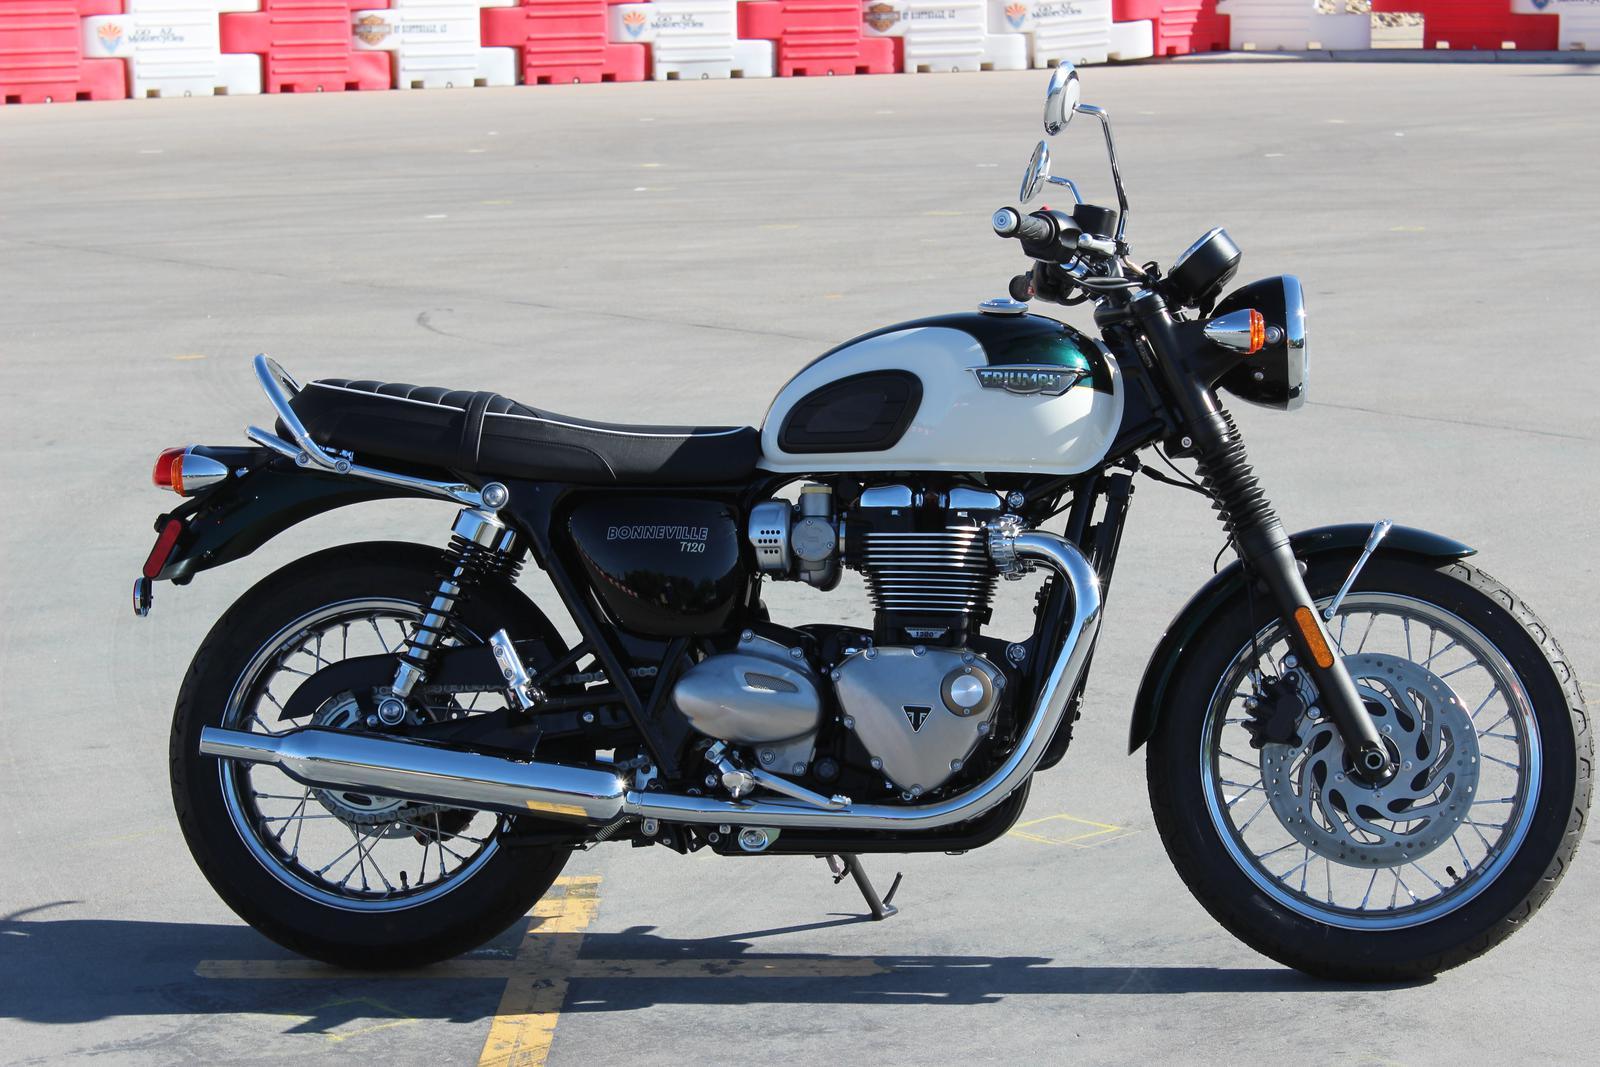 Triumph Bonneville T120 Motorrad Bild Idee